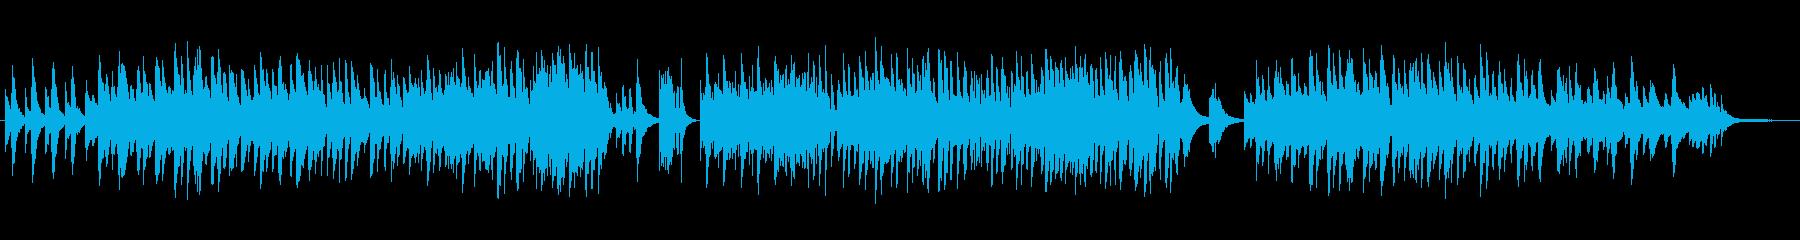 ゆったり癒し系のシンセ・ギターサウンドの再生済みの波形